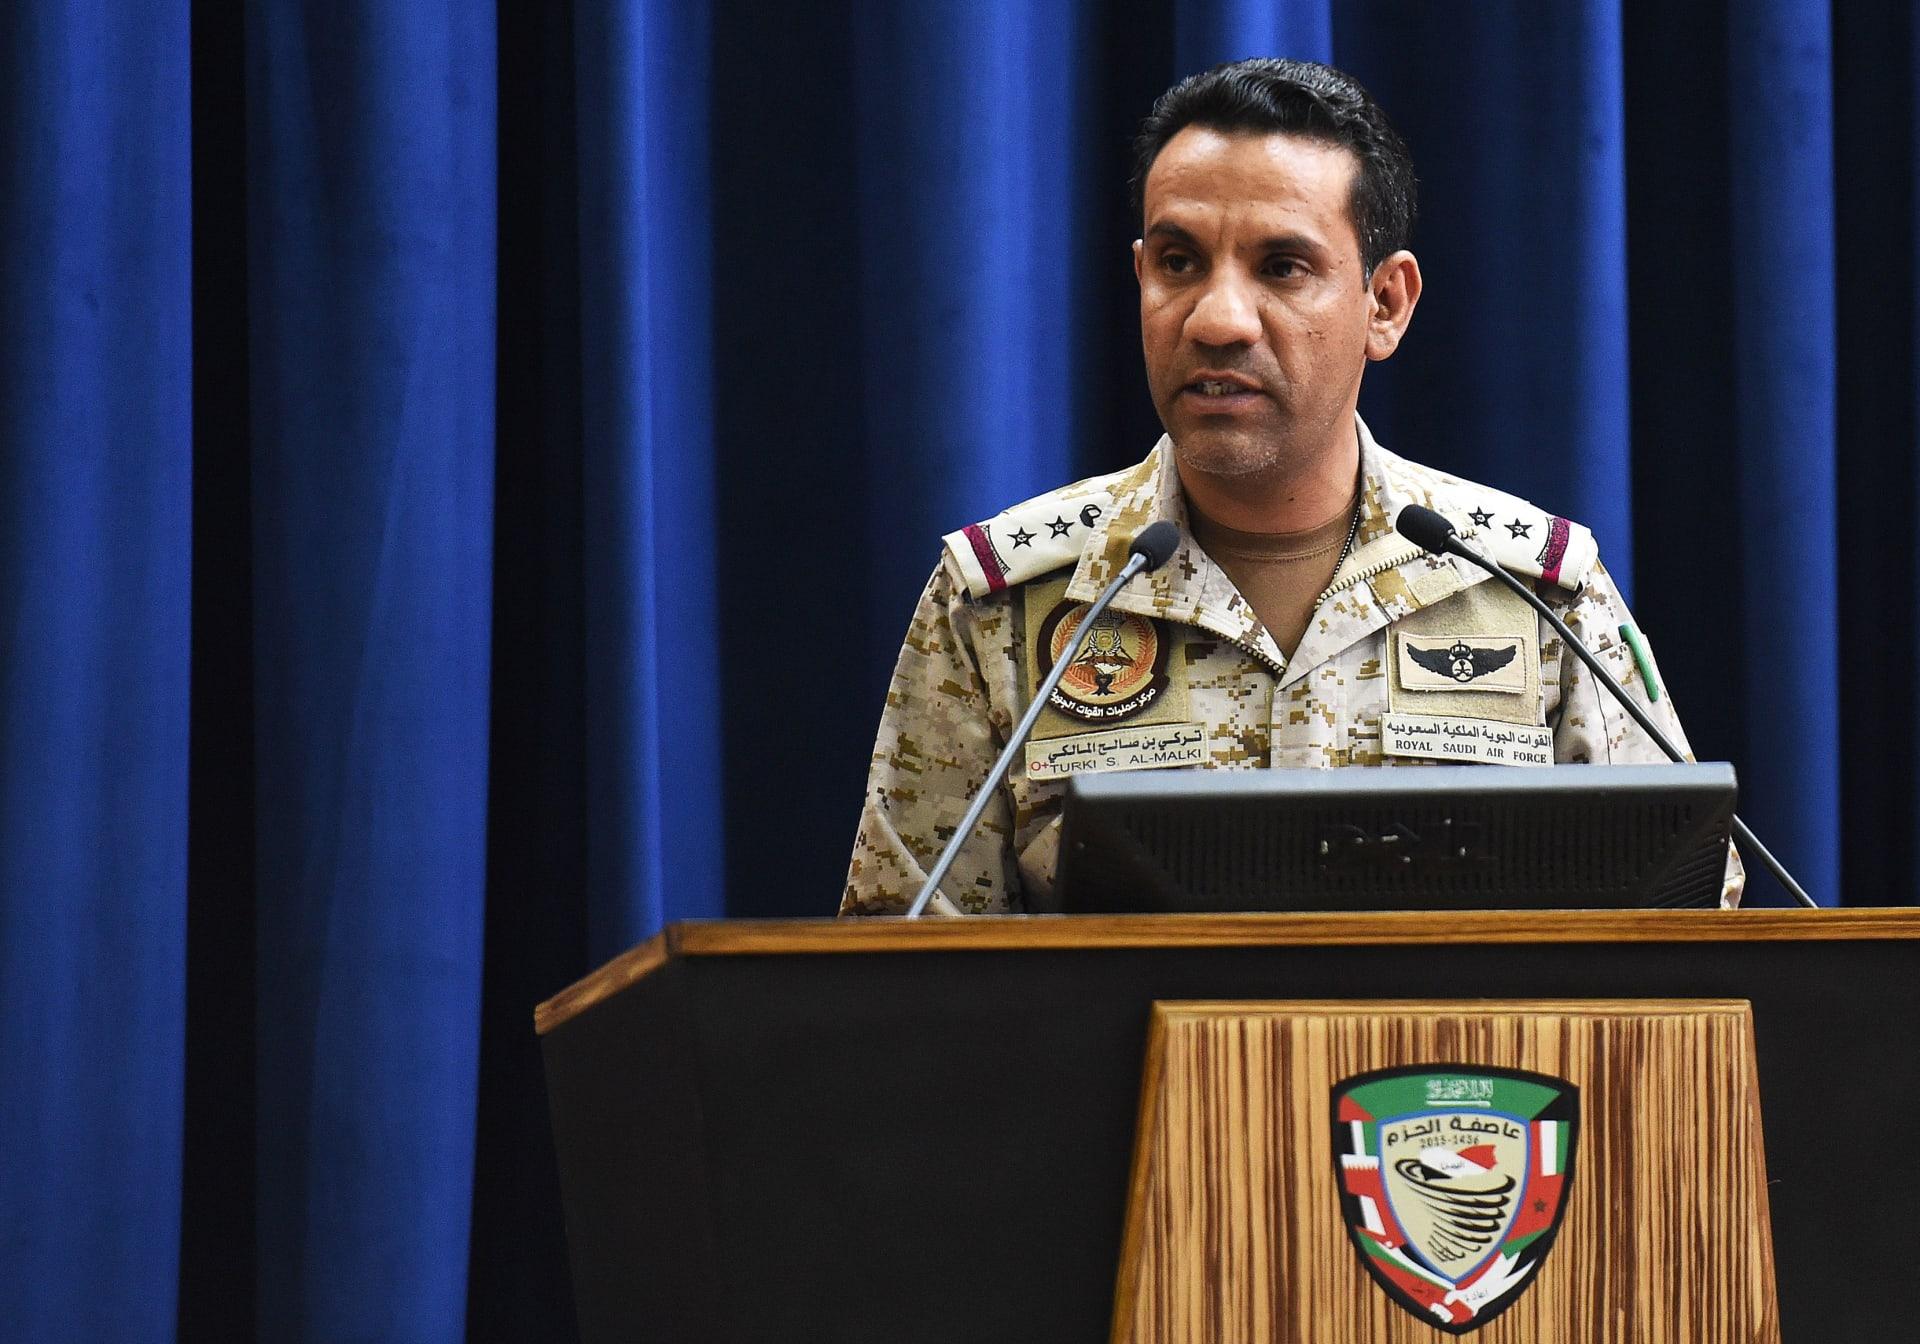 """السعودية تعلن اعتراض """"درون"""" للحوثيين في عسير.. وتحذر من استهداف المدنيين"""